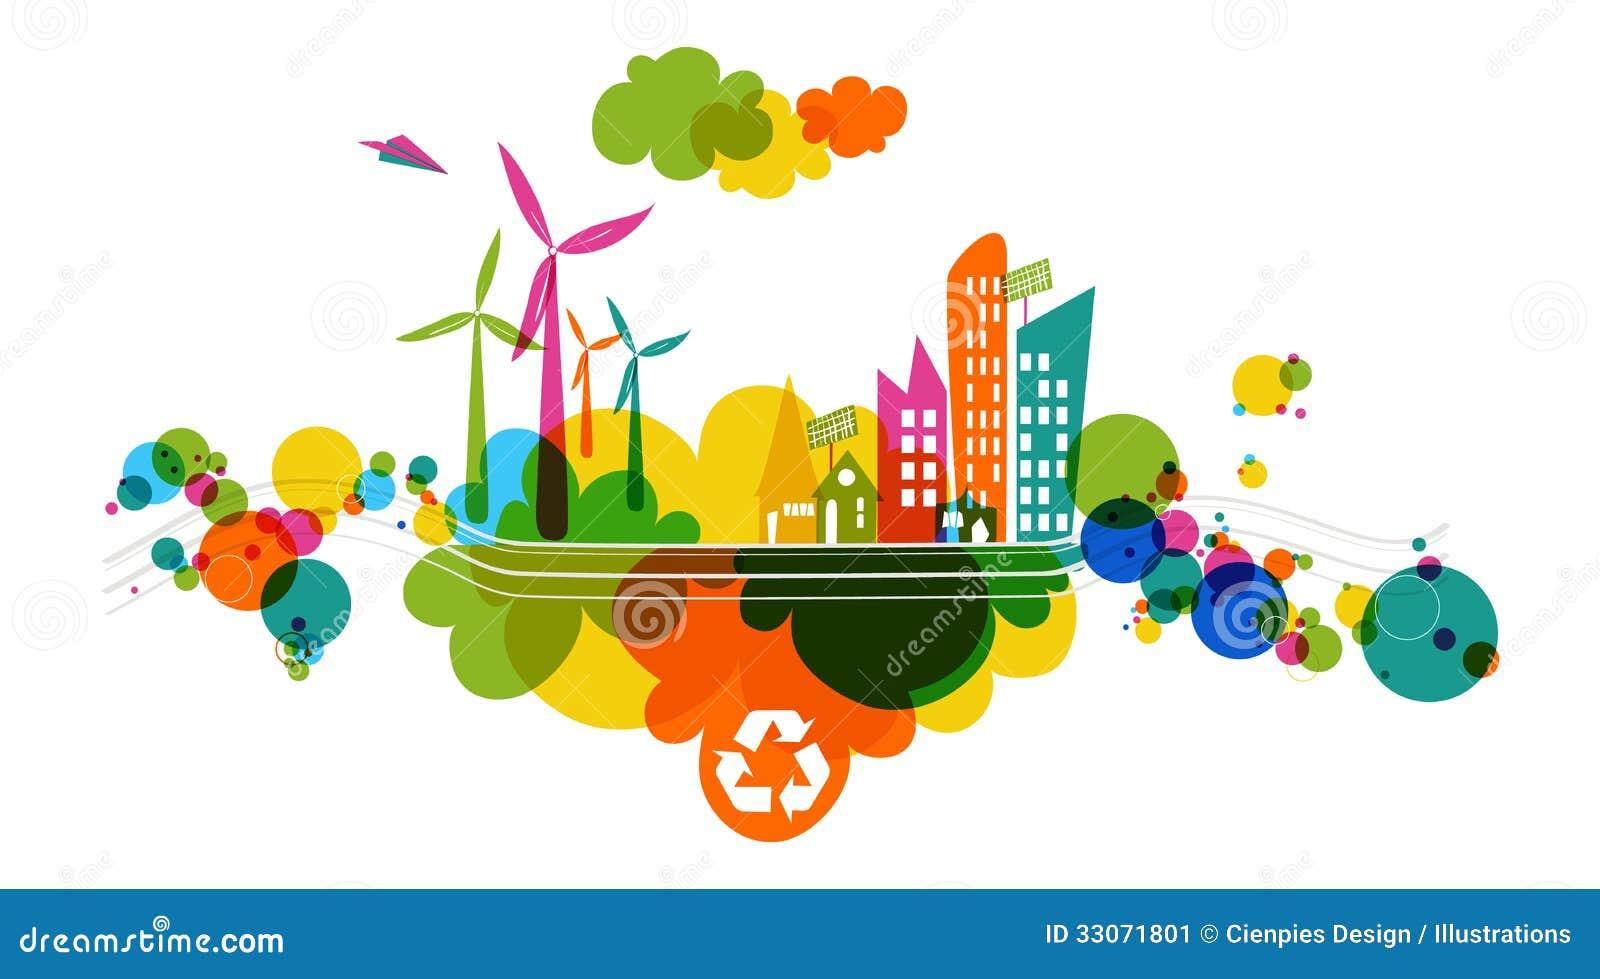 Sky Design Environmental Graphics